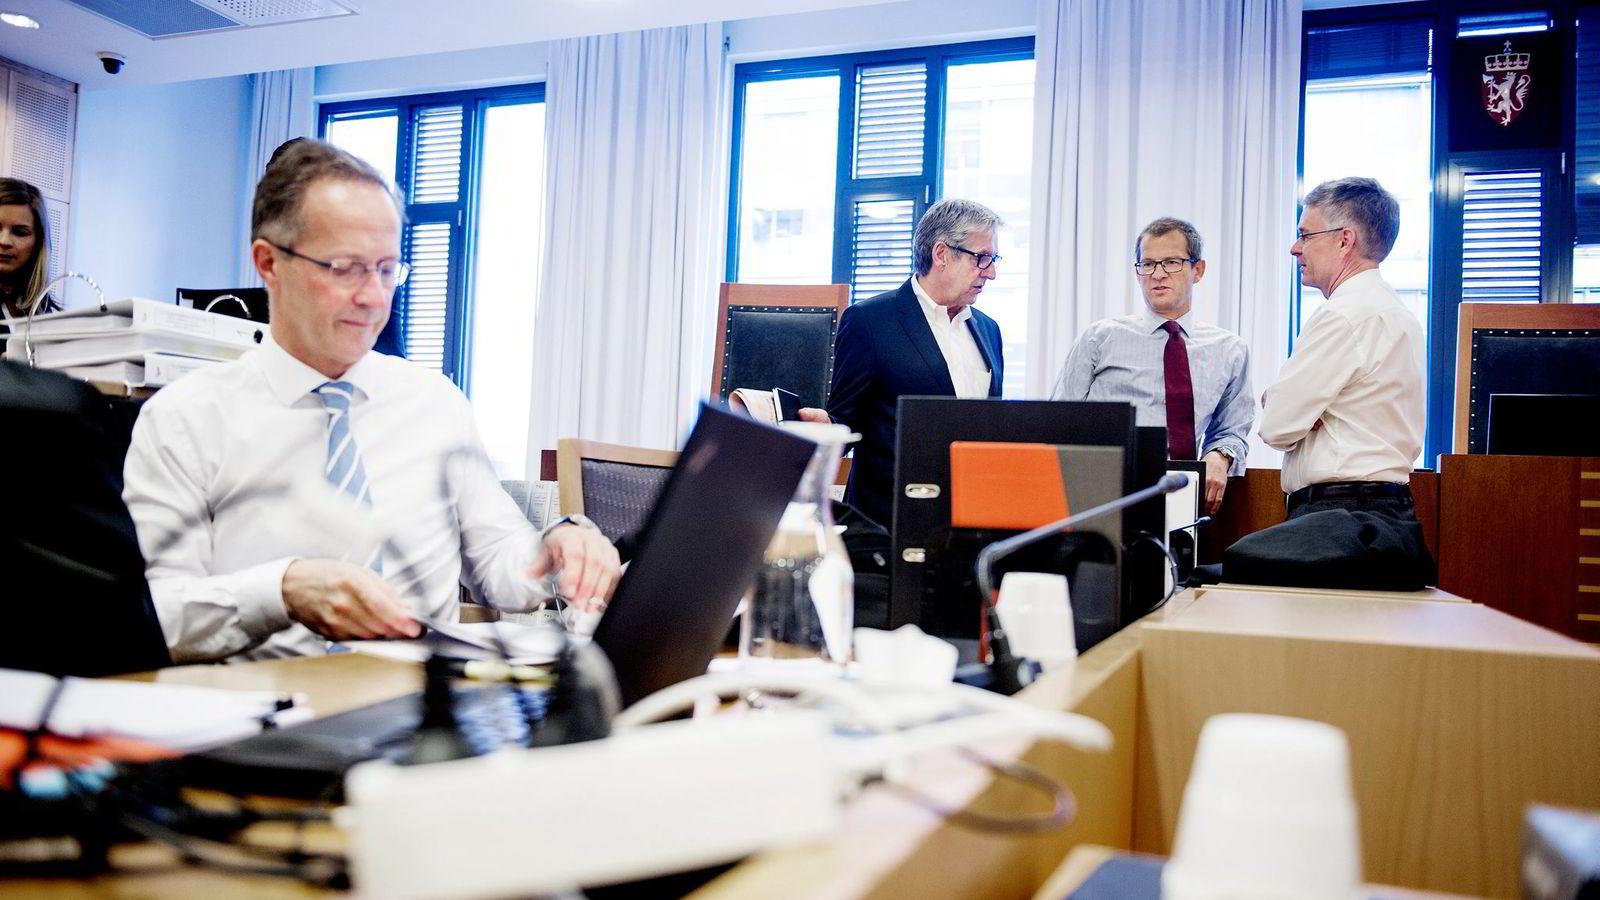 Første dag av rettssaken mellom fire eiere i Gassled mot staten i Oslo tingrett. Fra venstre Thomas Michelet, Tore Sandvold (styreleder i Njord), Jan B. Jansen og Christian Fredrik Michelet.